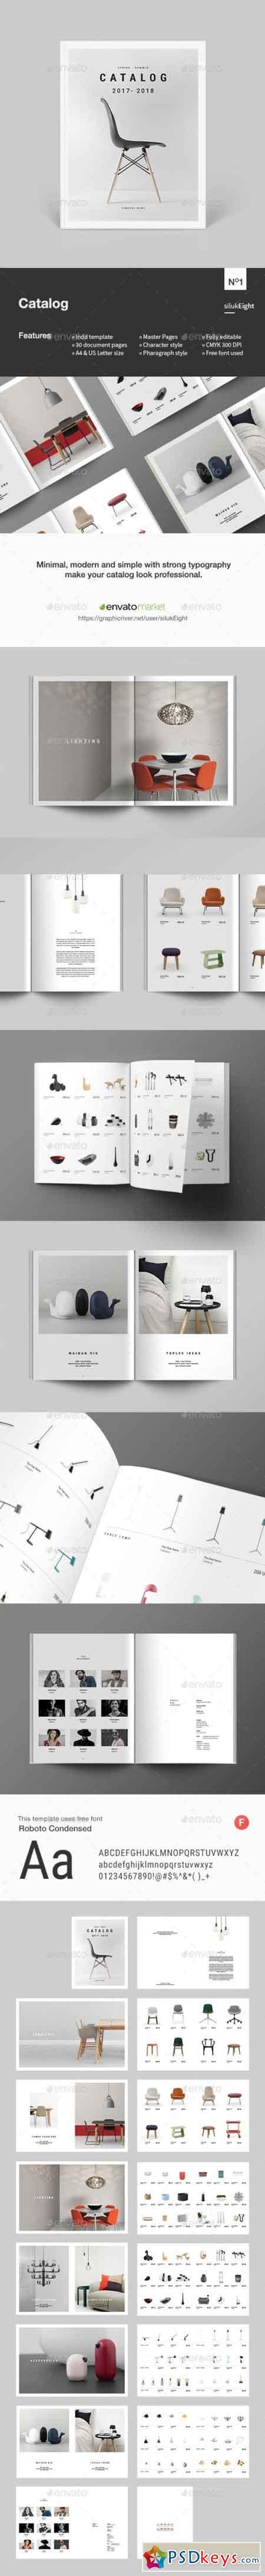 Encantador Plantilla De Catálogo Adobe Indesign Elaboración ...